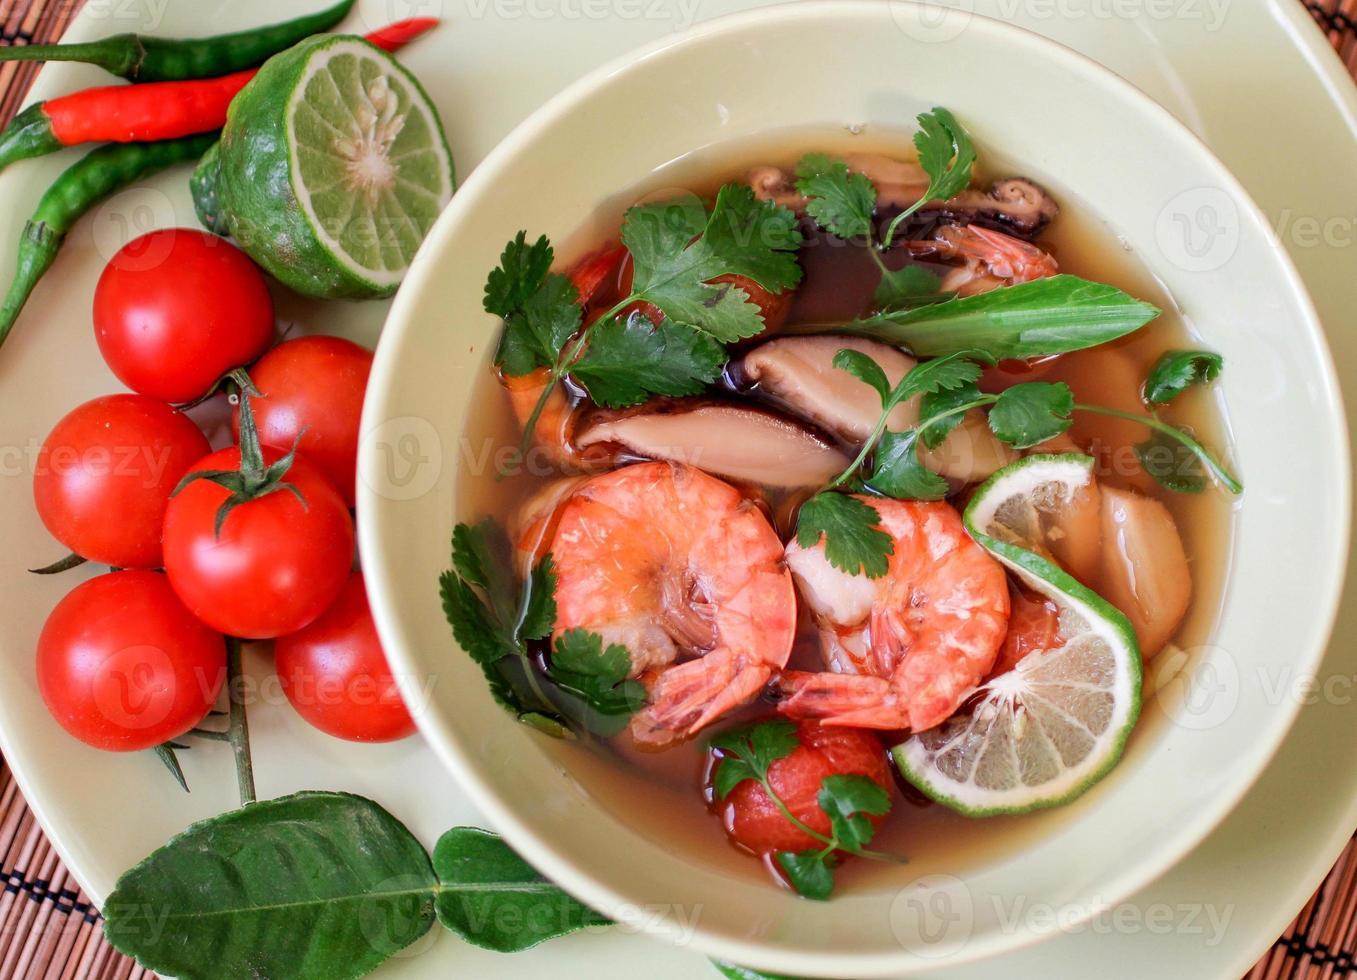 sopa picante tailandesa tradicional de tom yam foto